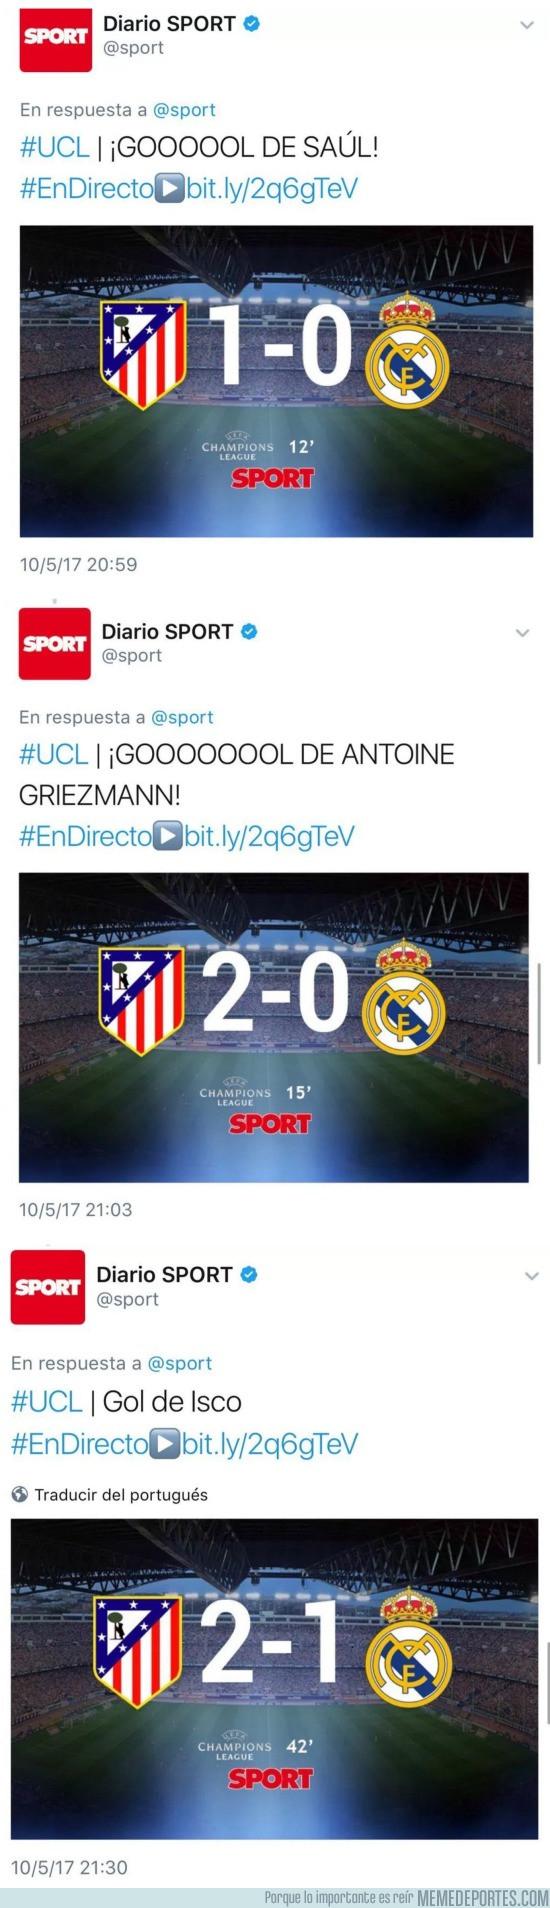 974526 - El comportamiento bilioso del Sport ante los goles de Real Madrid y Atlético de Madrid